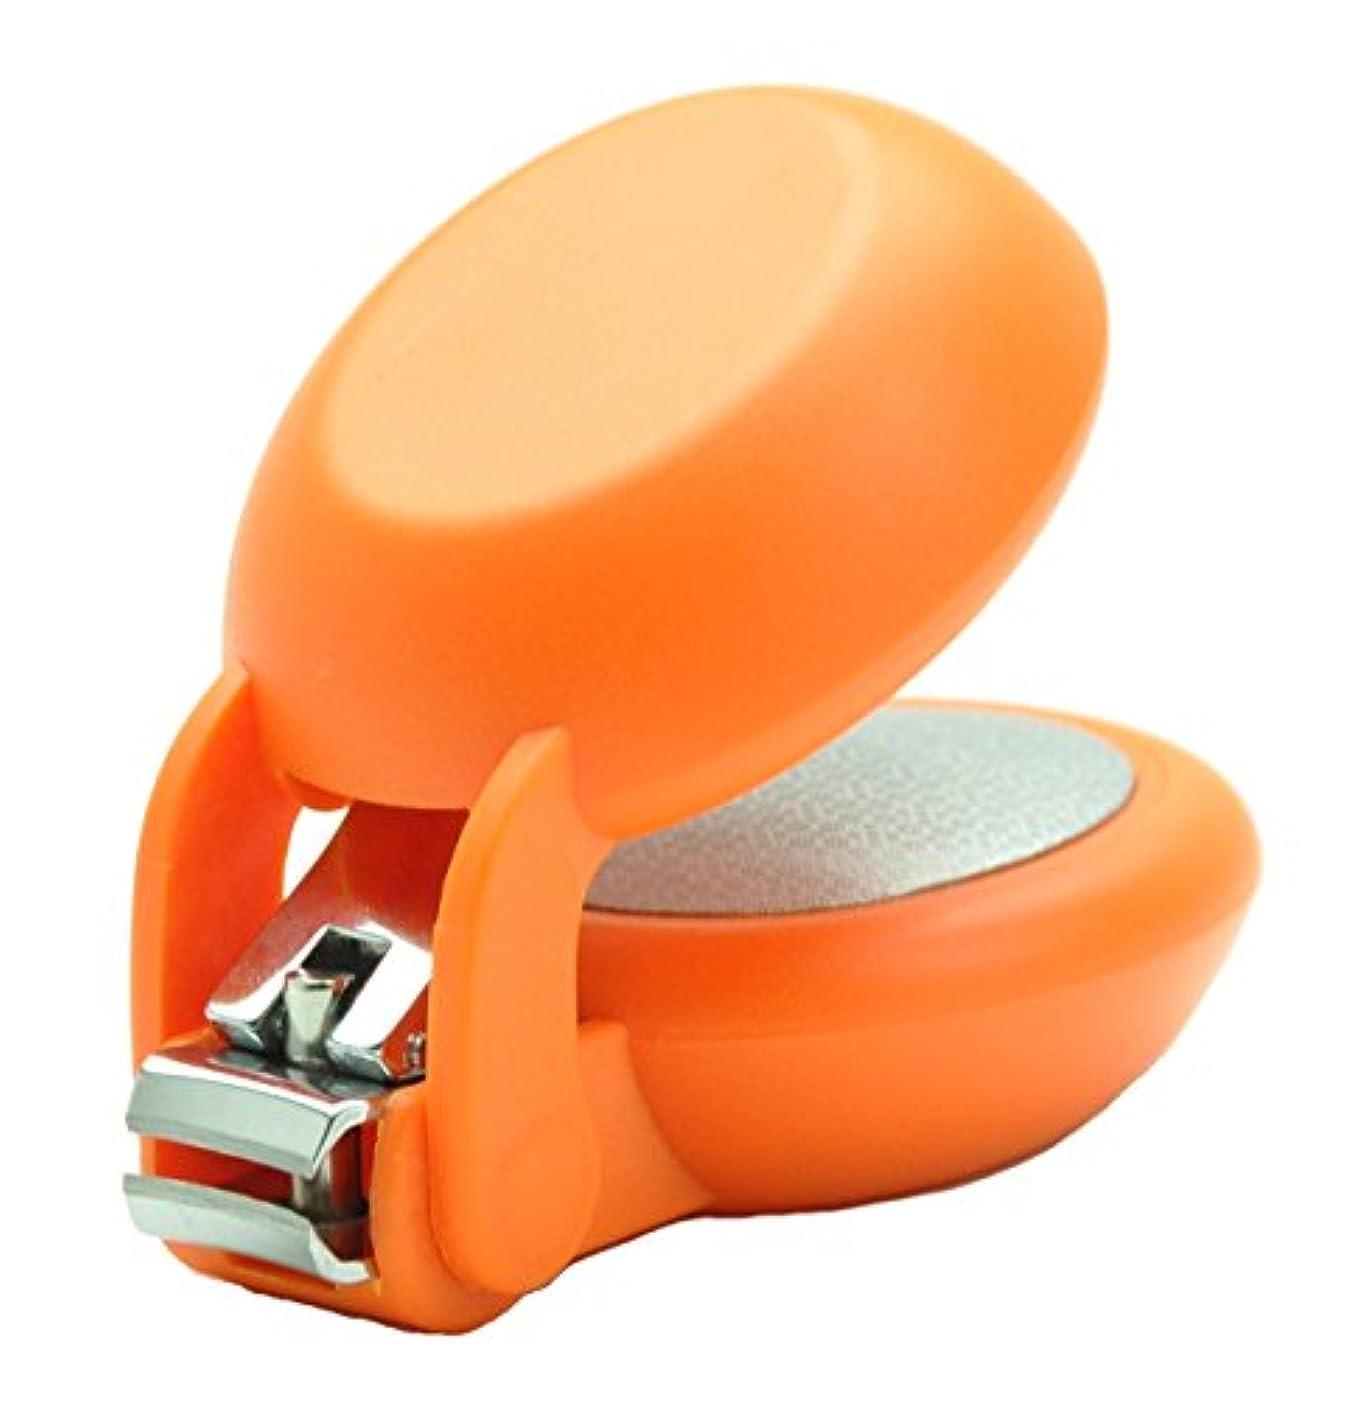 必要とする行商ヘア爪切り nail clipper (ネイルクリッパー) Nail+ (ネイルプラス) Orange (オレンジ)